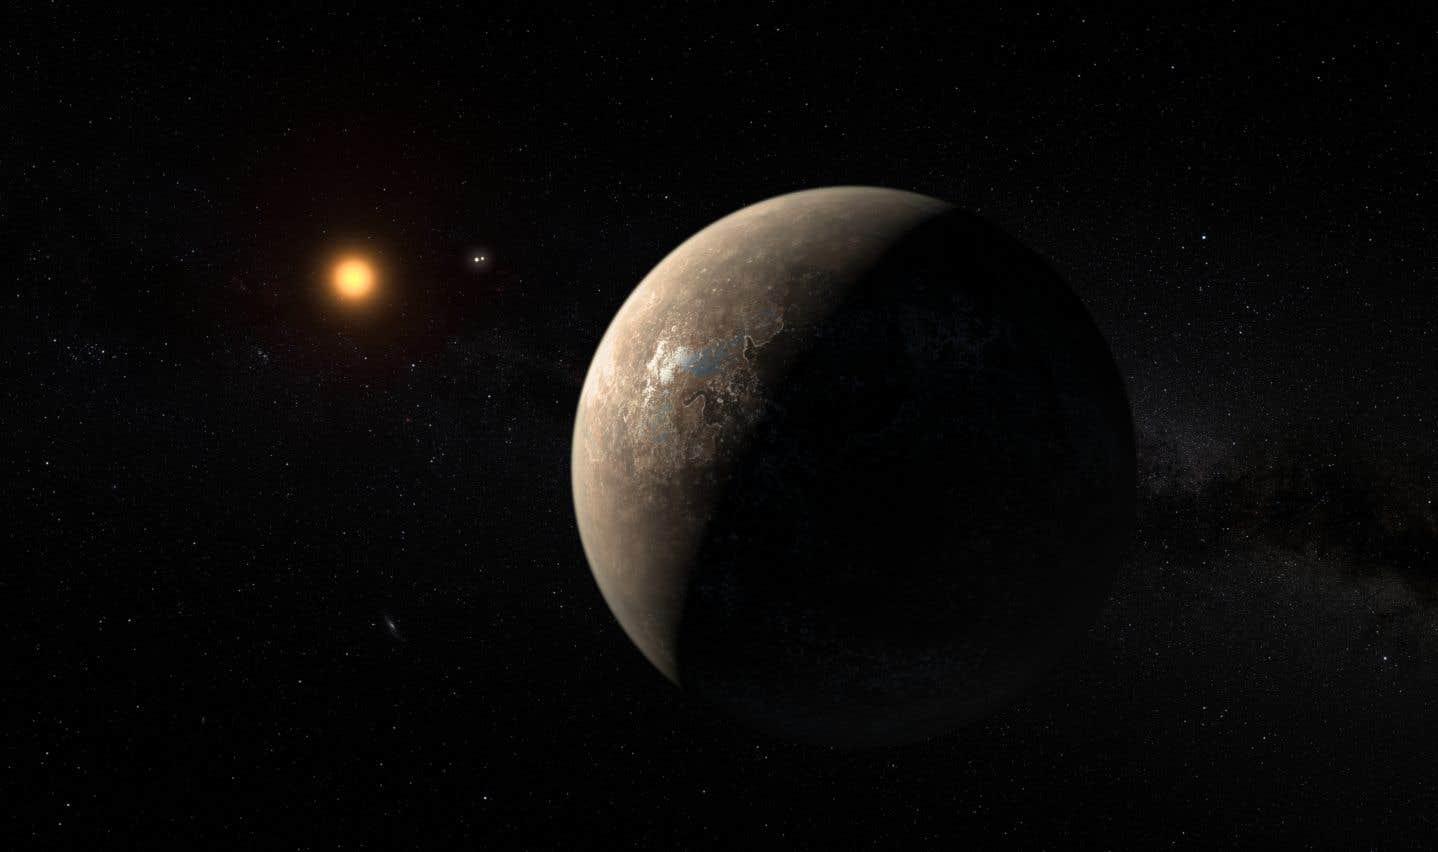 Une scientifique canadienne à la recherche de la vie extraterrestre